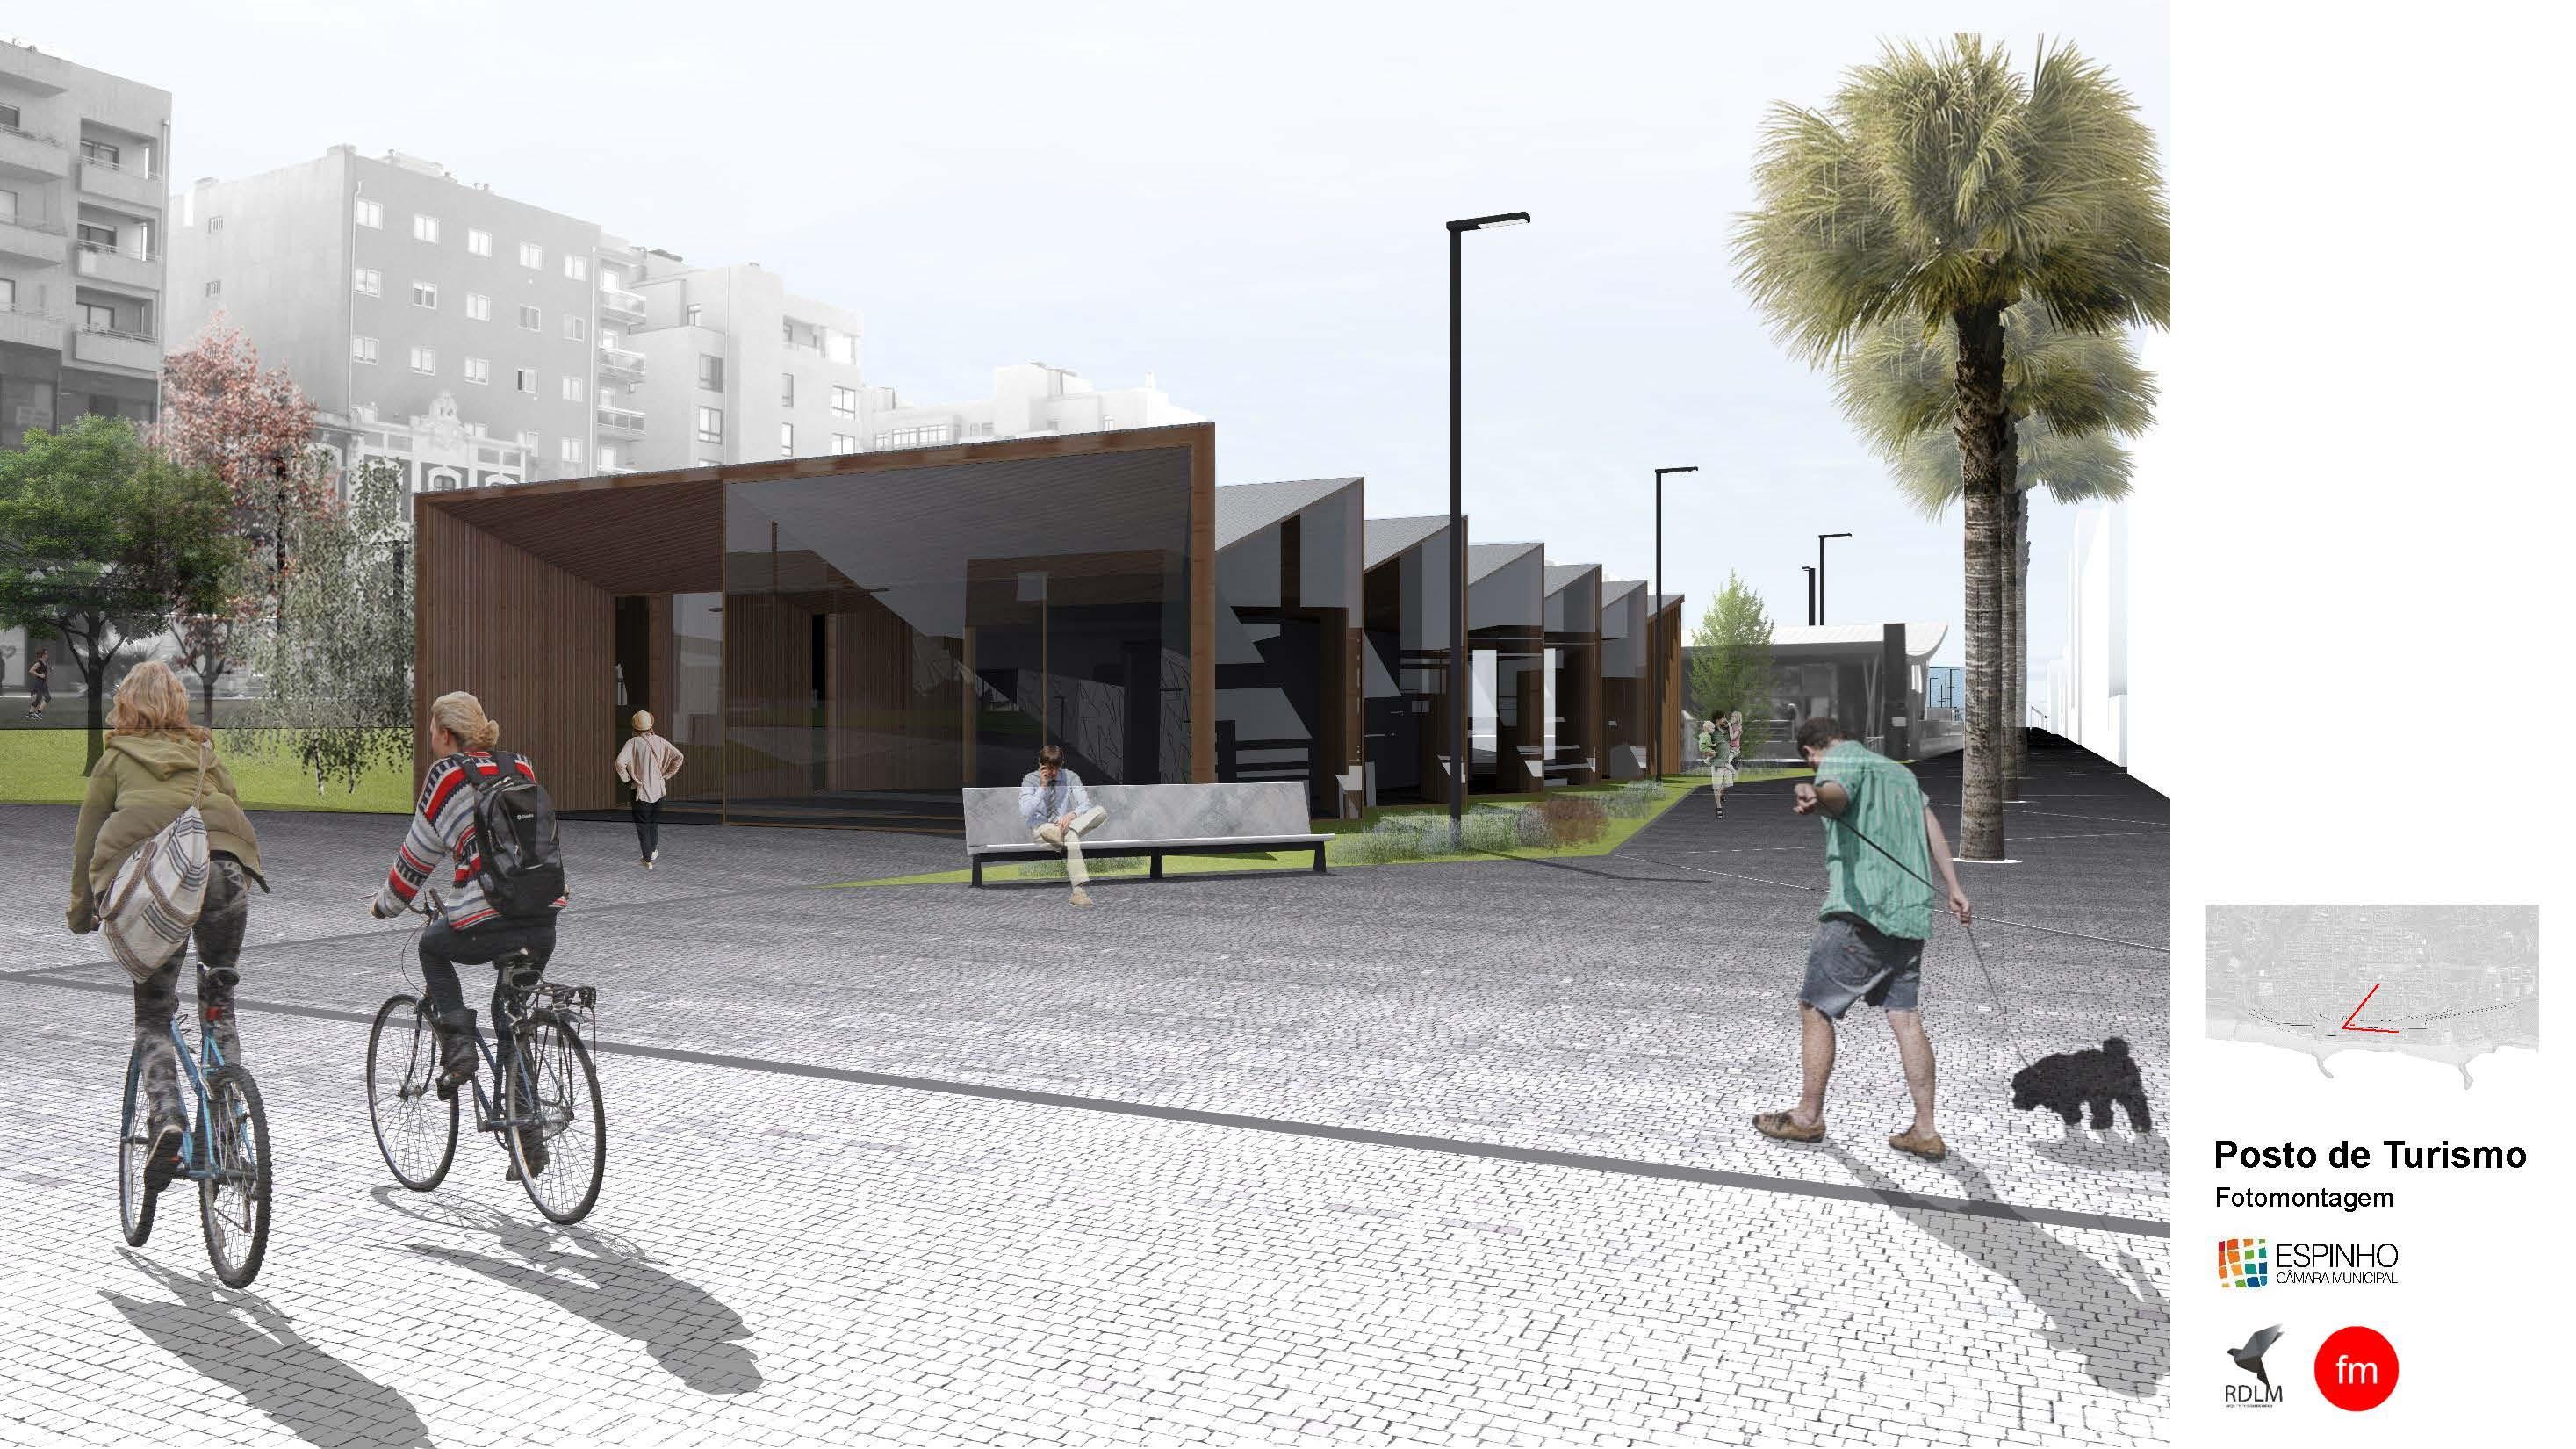 Alameda 8 de Espinho vai ter estacionamento para 500 viaturas